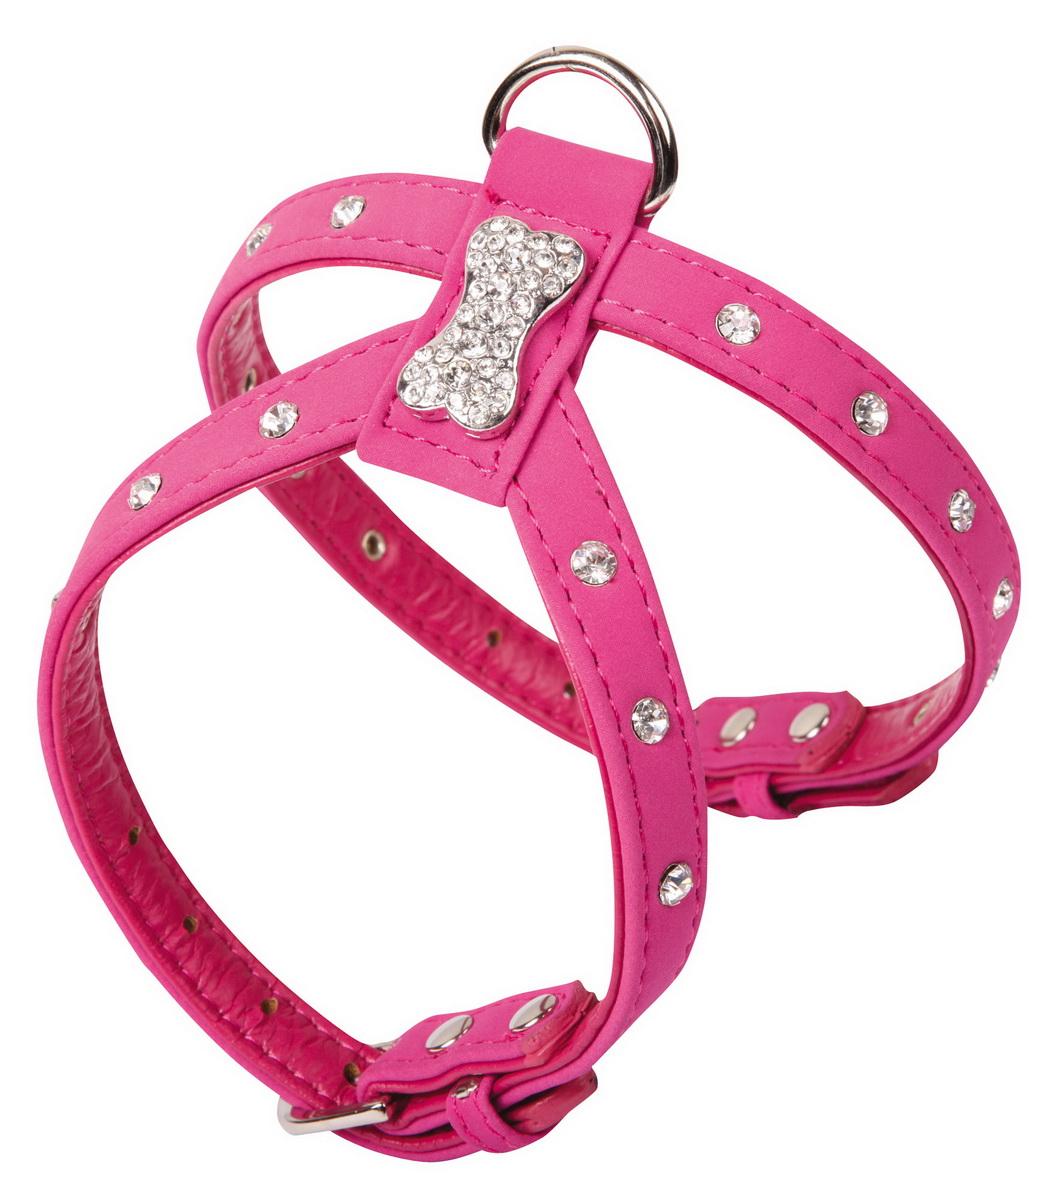 """Шлейка для собак """"Dezzie"""", цвет: розовый, обхват шеи 20-26 см, обхват груди 28-34 см. Размер M. 5624079"""